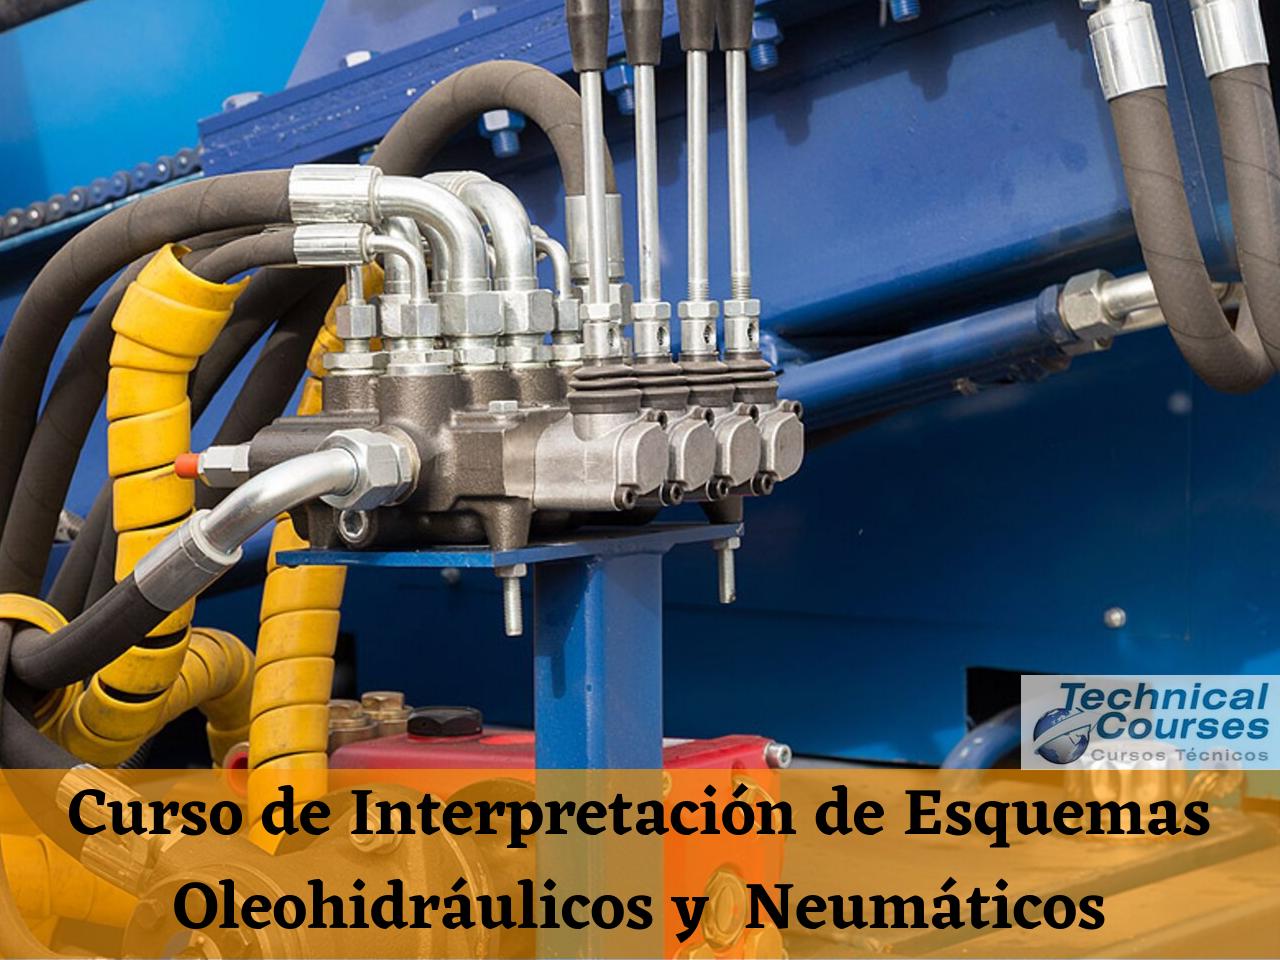 Curso de Interpretación de Esquemas Oleohidráulicos